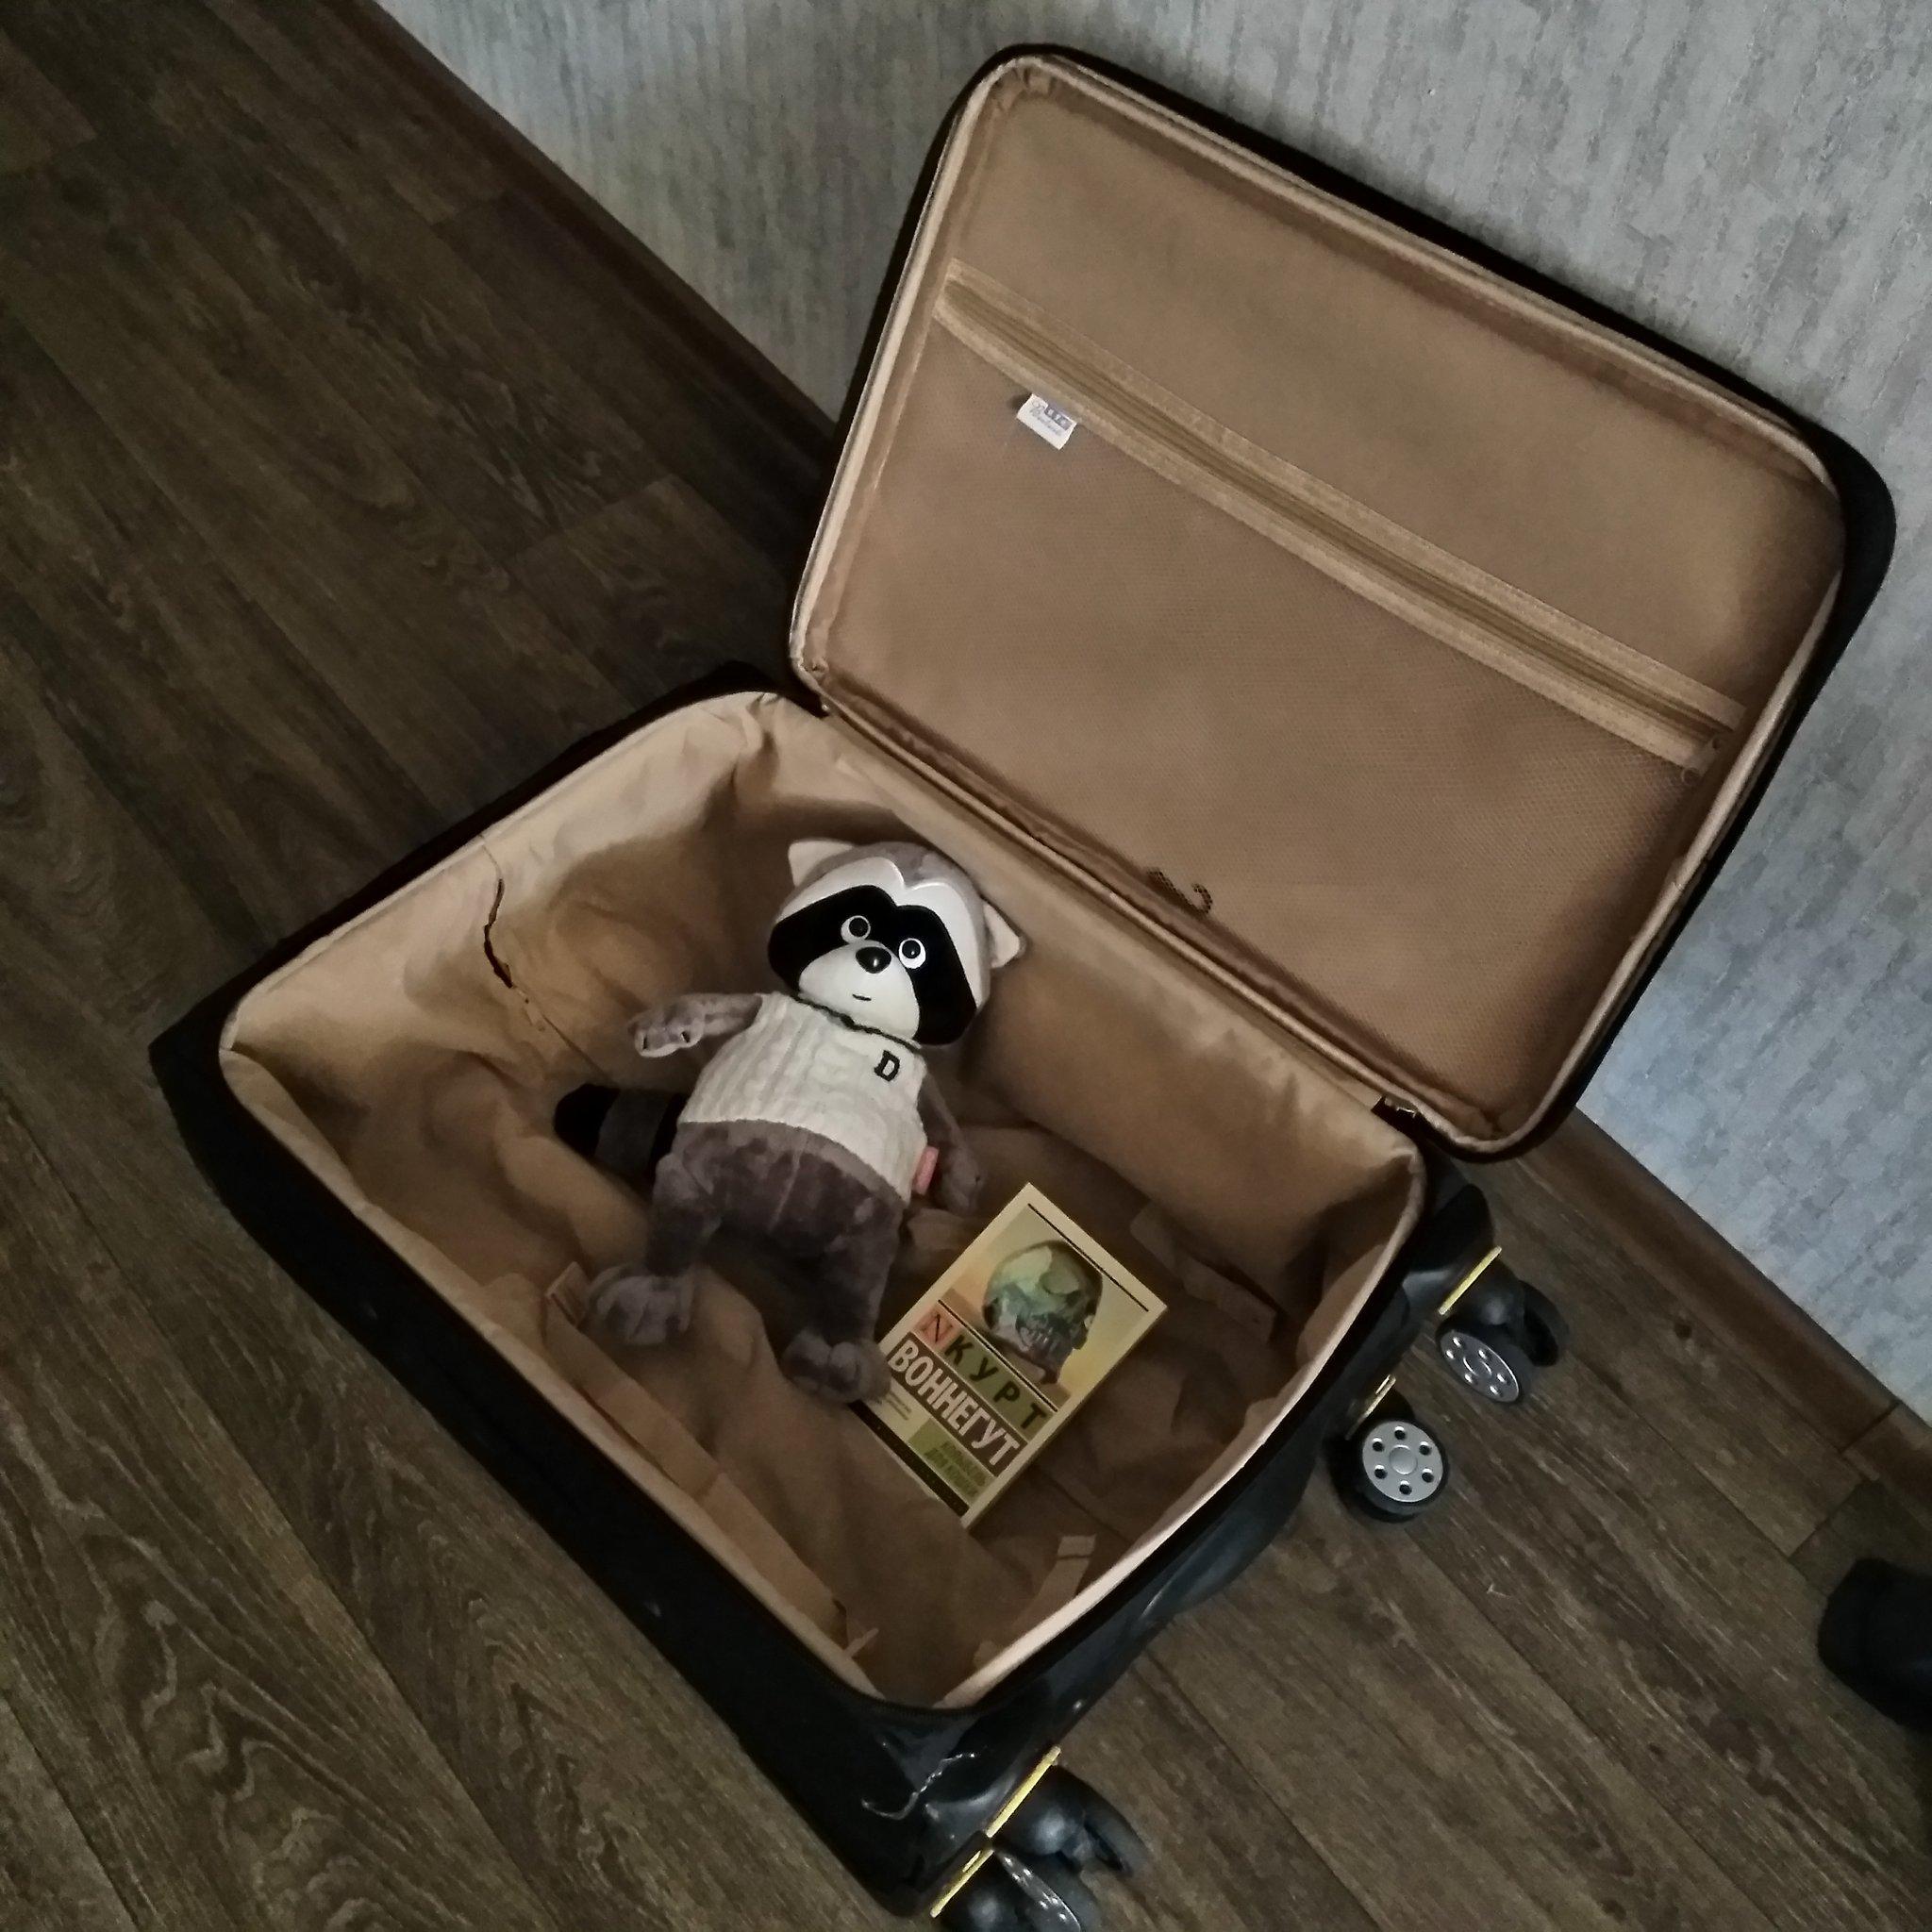 доставка москве смешные фото с чемоданами всегда радовалась спортсменок